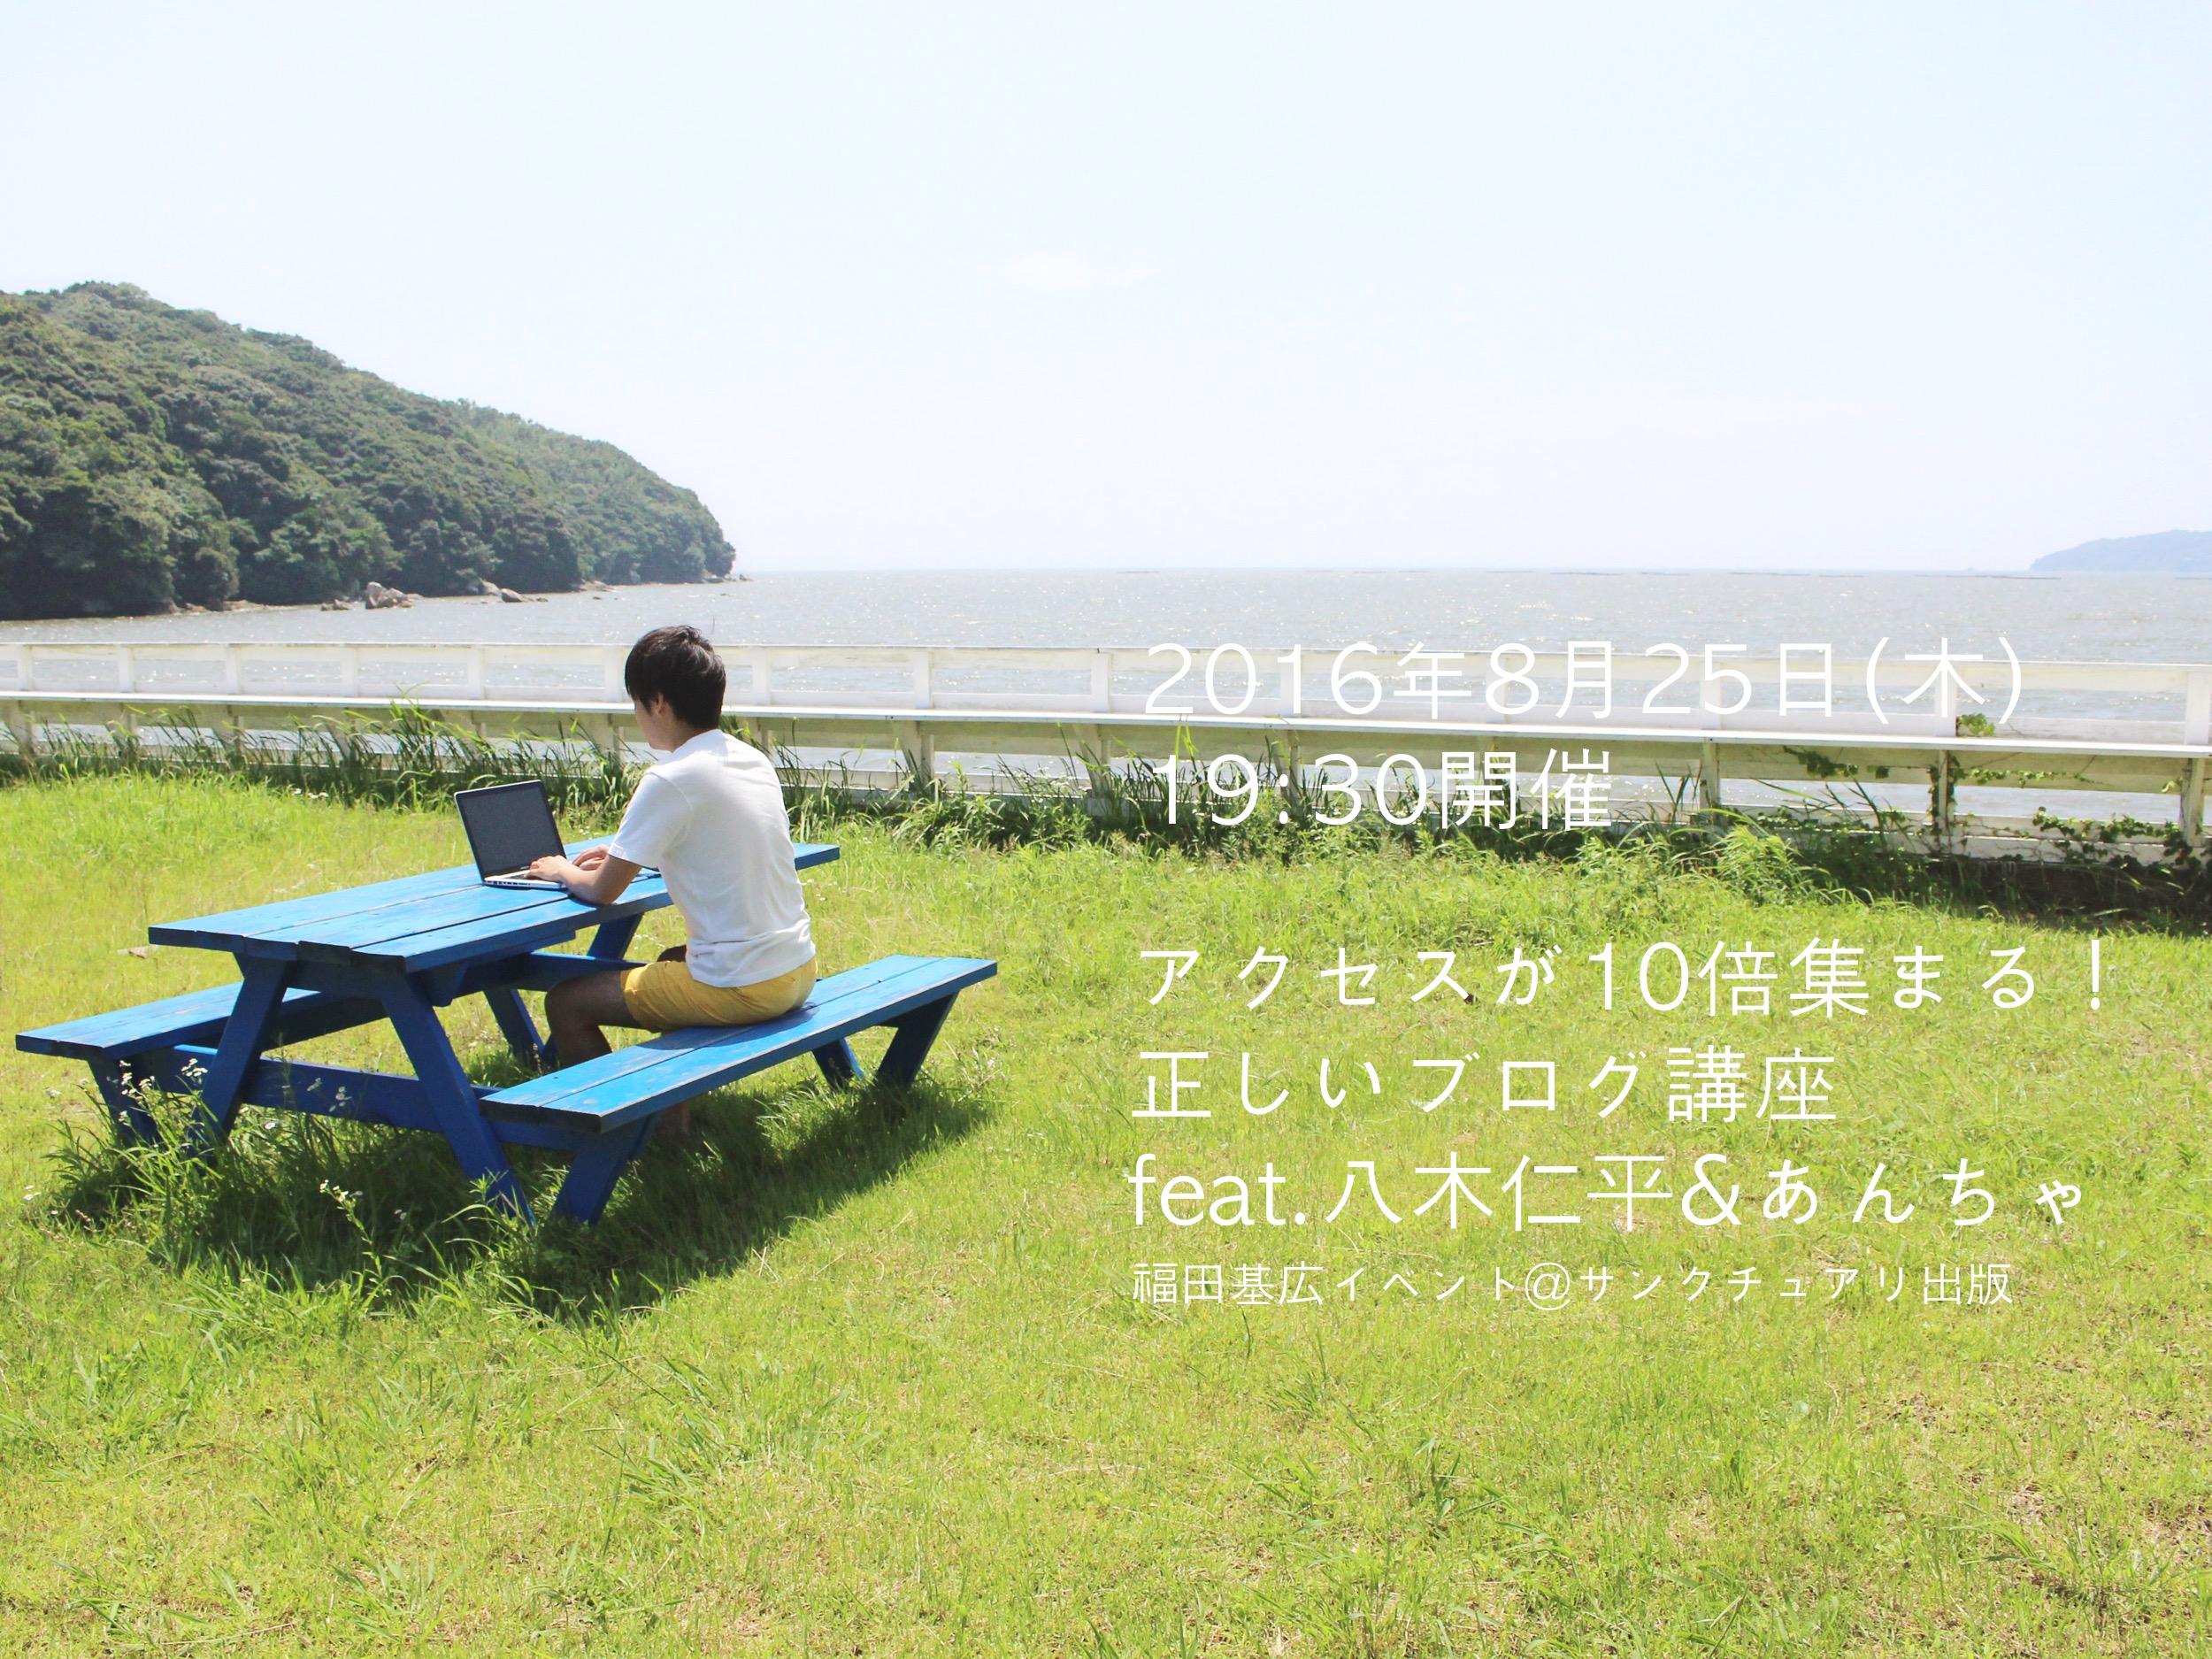 【満席・現在キャンセル待ち】アクセスが10倍集まる!正しいブログ運営法 feat.八木仁平&あんちゃ